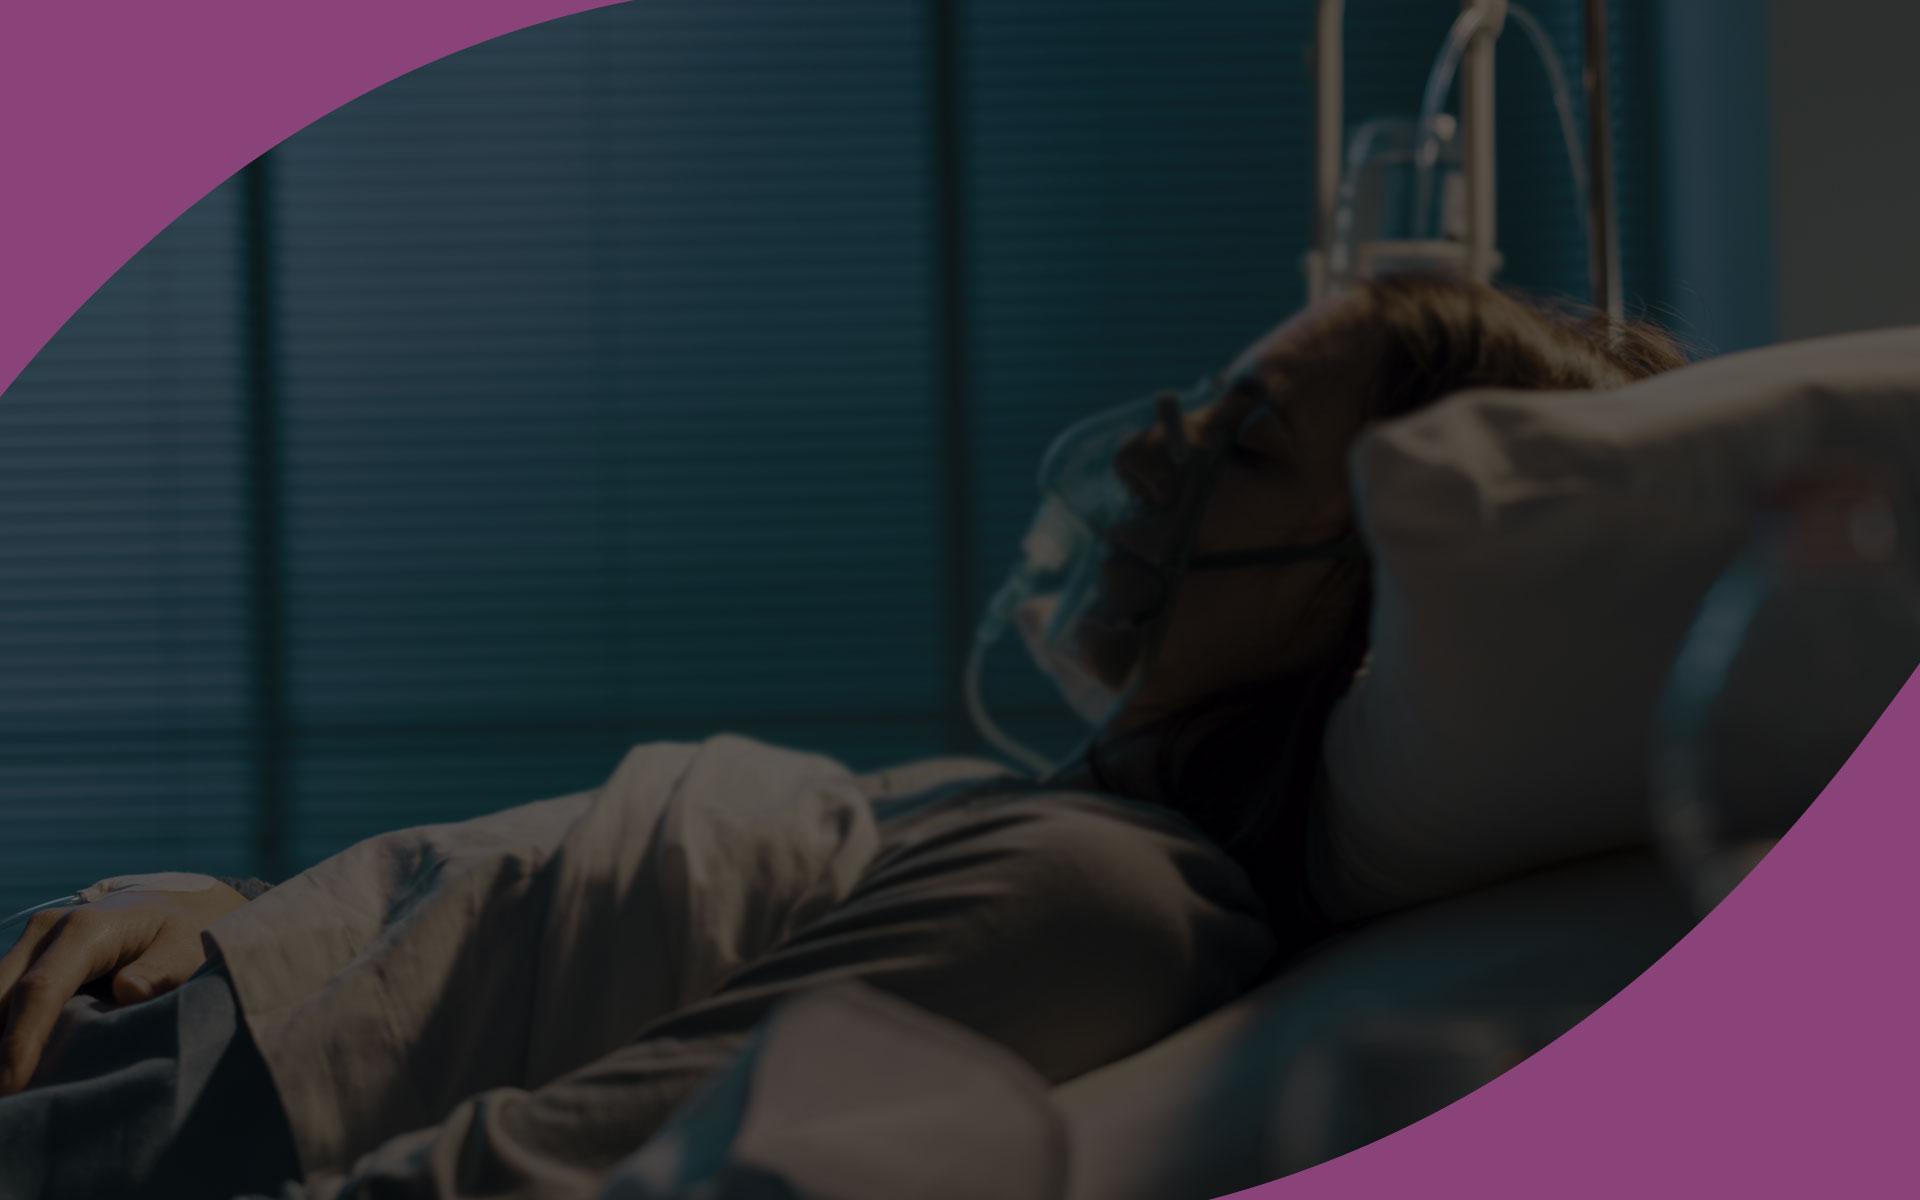 Curso de capacitação: Avaliação clínica e tomada de decisão em disfagia orofaríngea – 20h/a